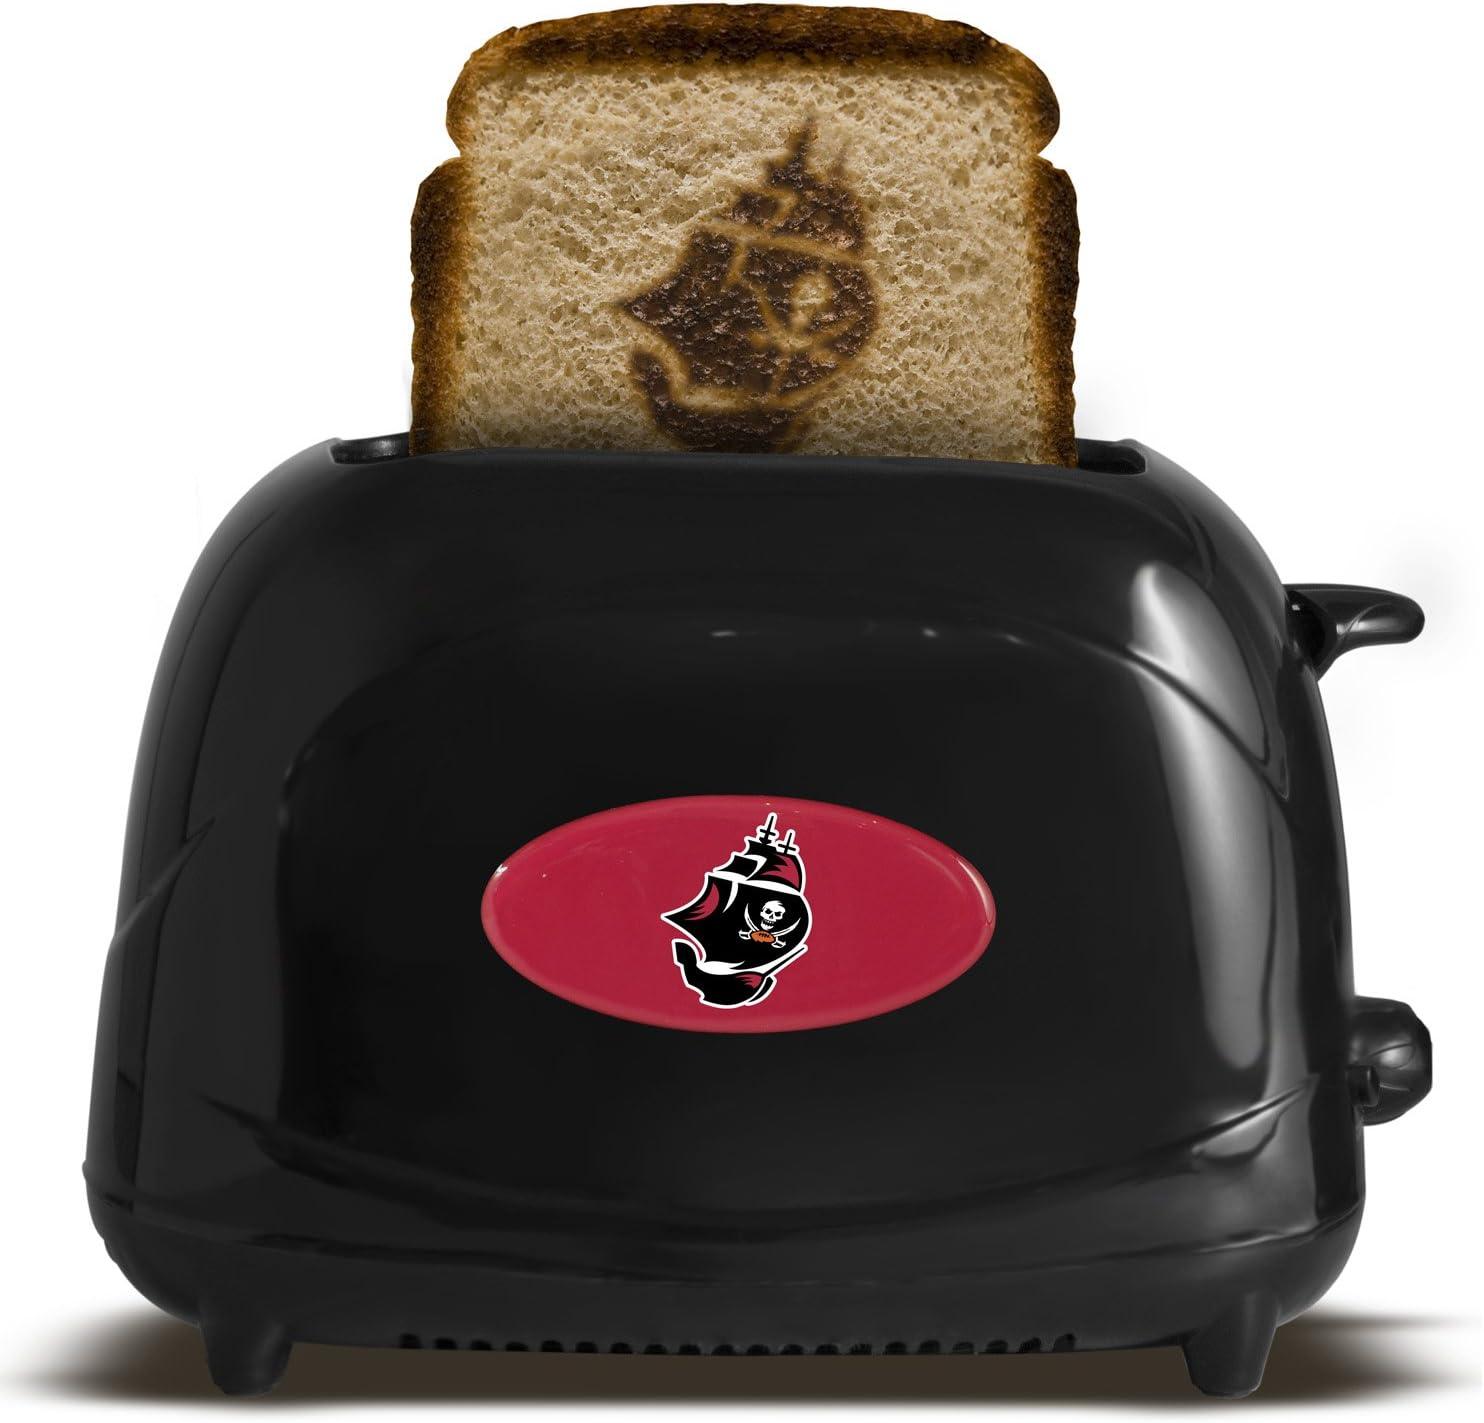 NFL Tampa Bay Buccaneers Pro Toaster Elite